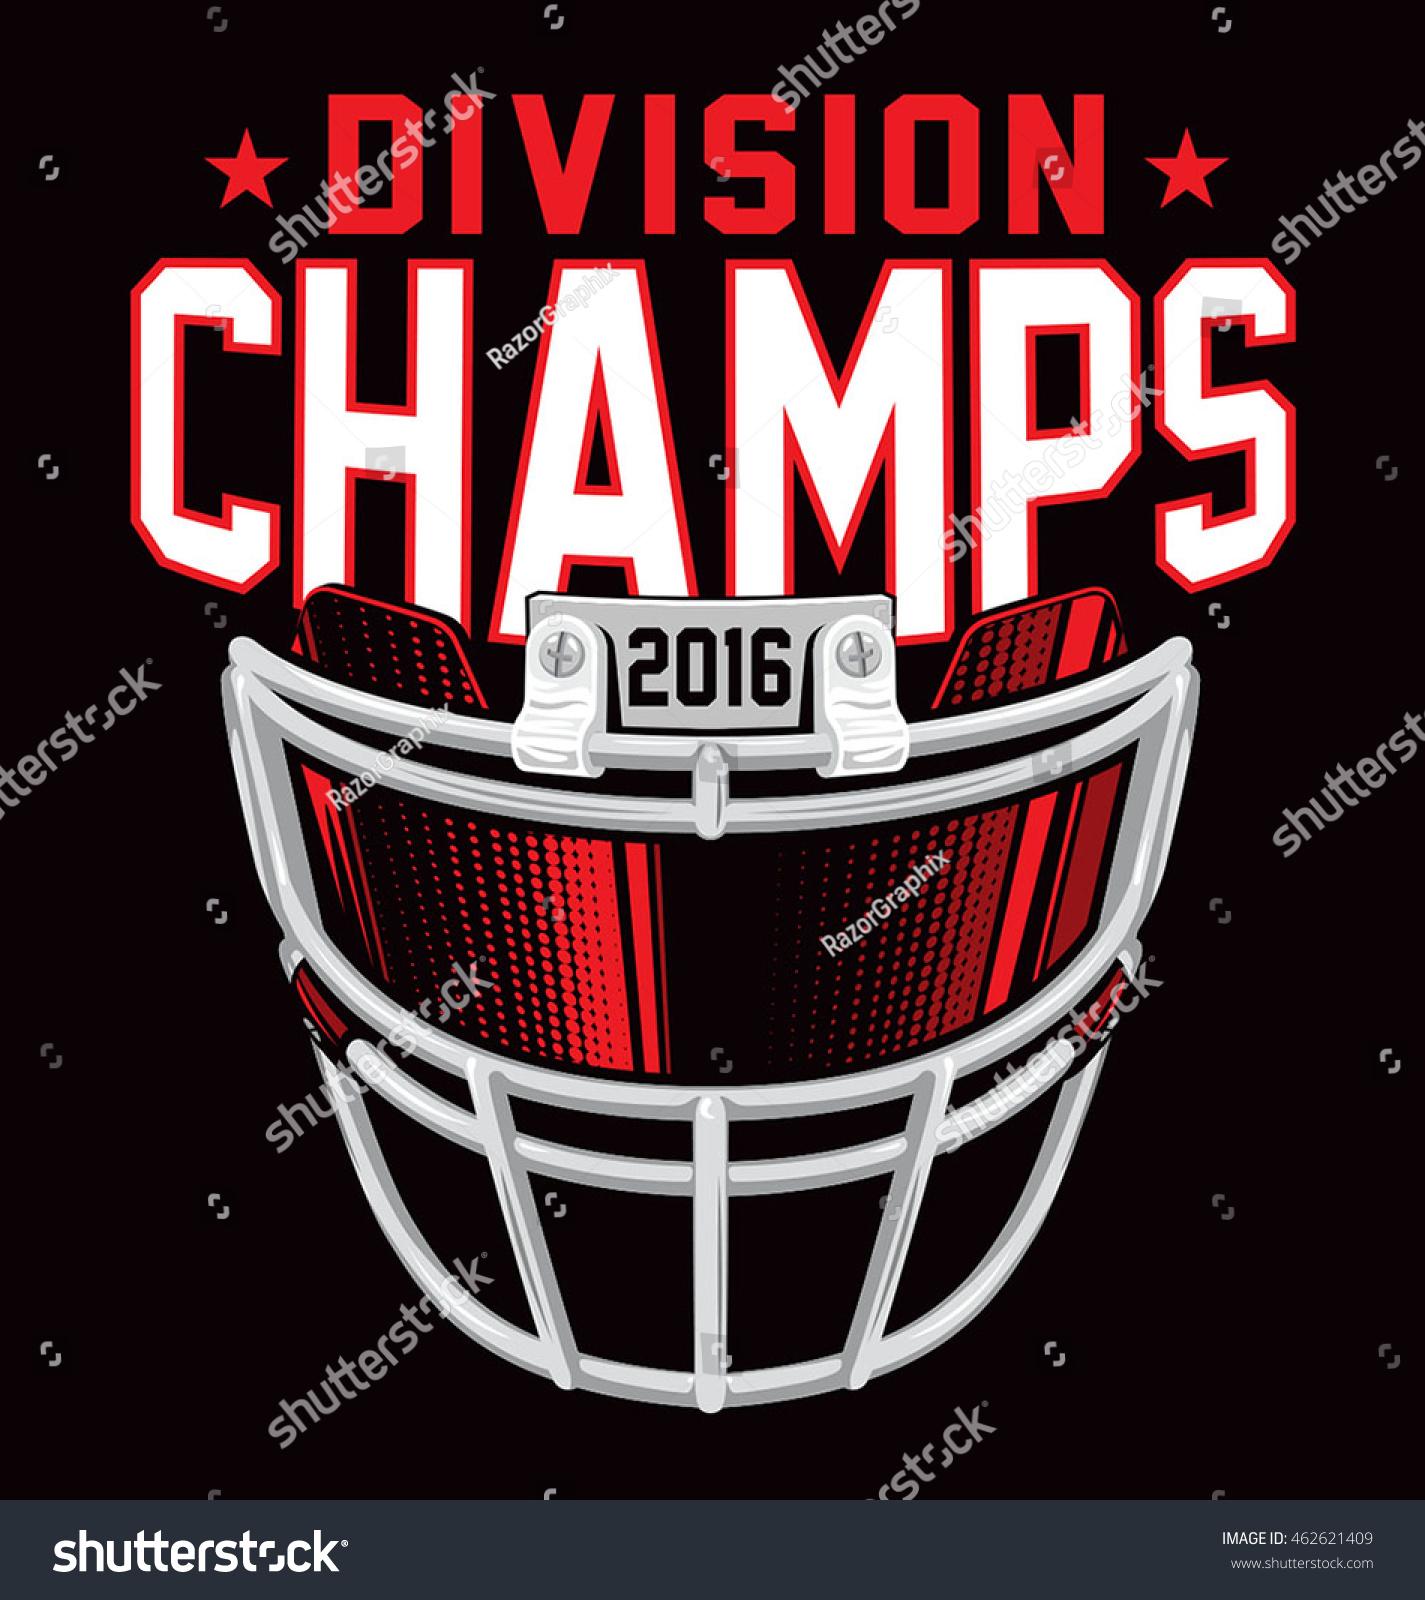 Football T Shirt Design Ideas mexico high school t shirt design ideas Division Champs Football Helmet Facemask T Shirt Design